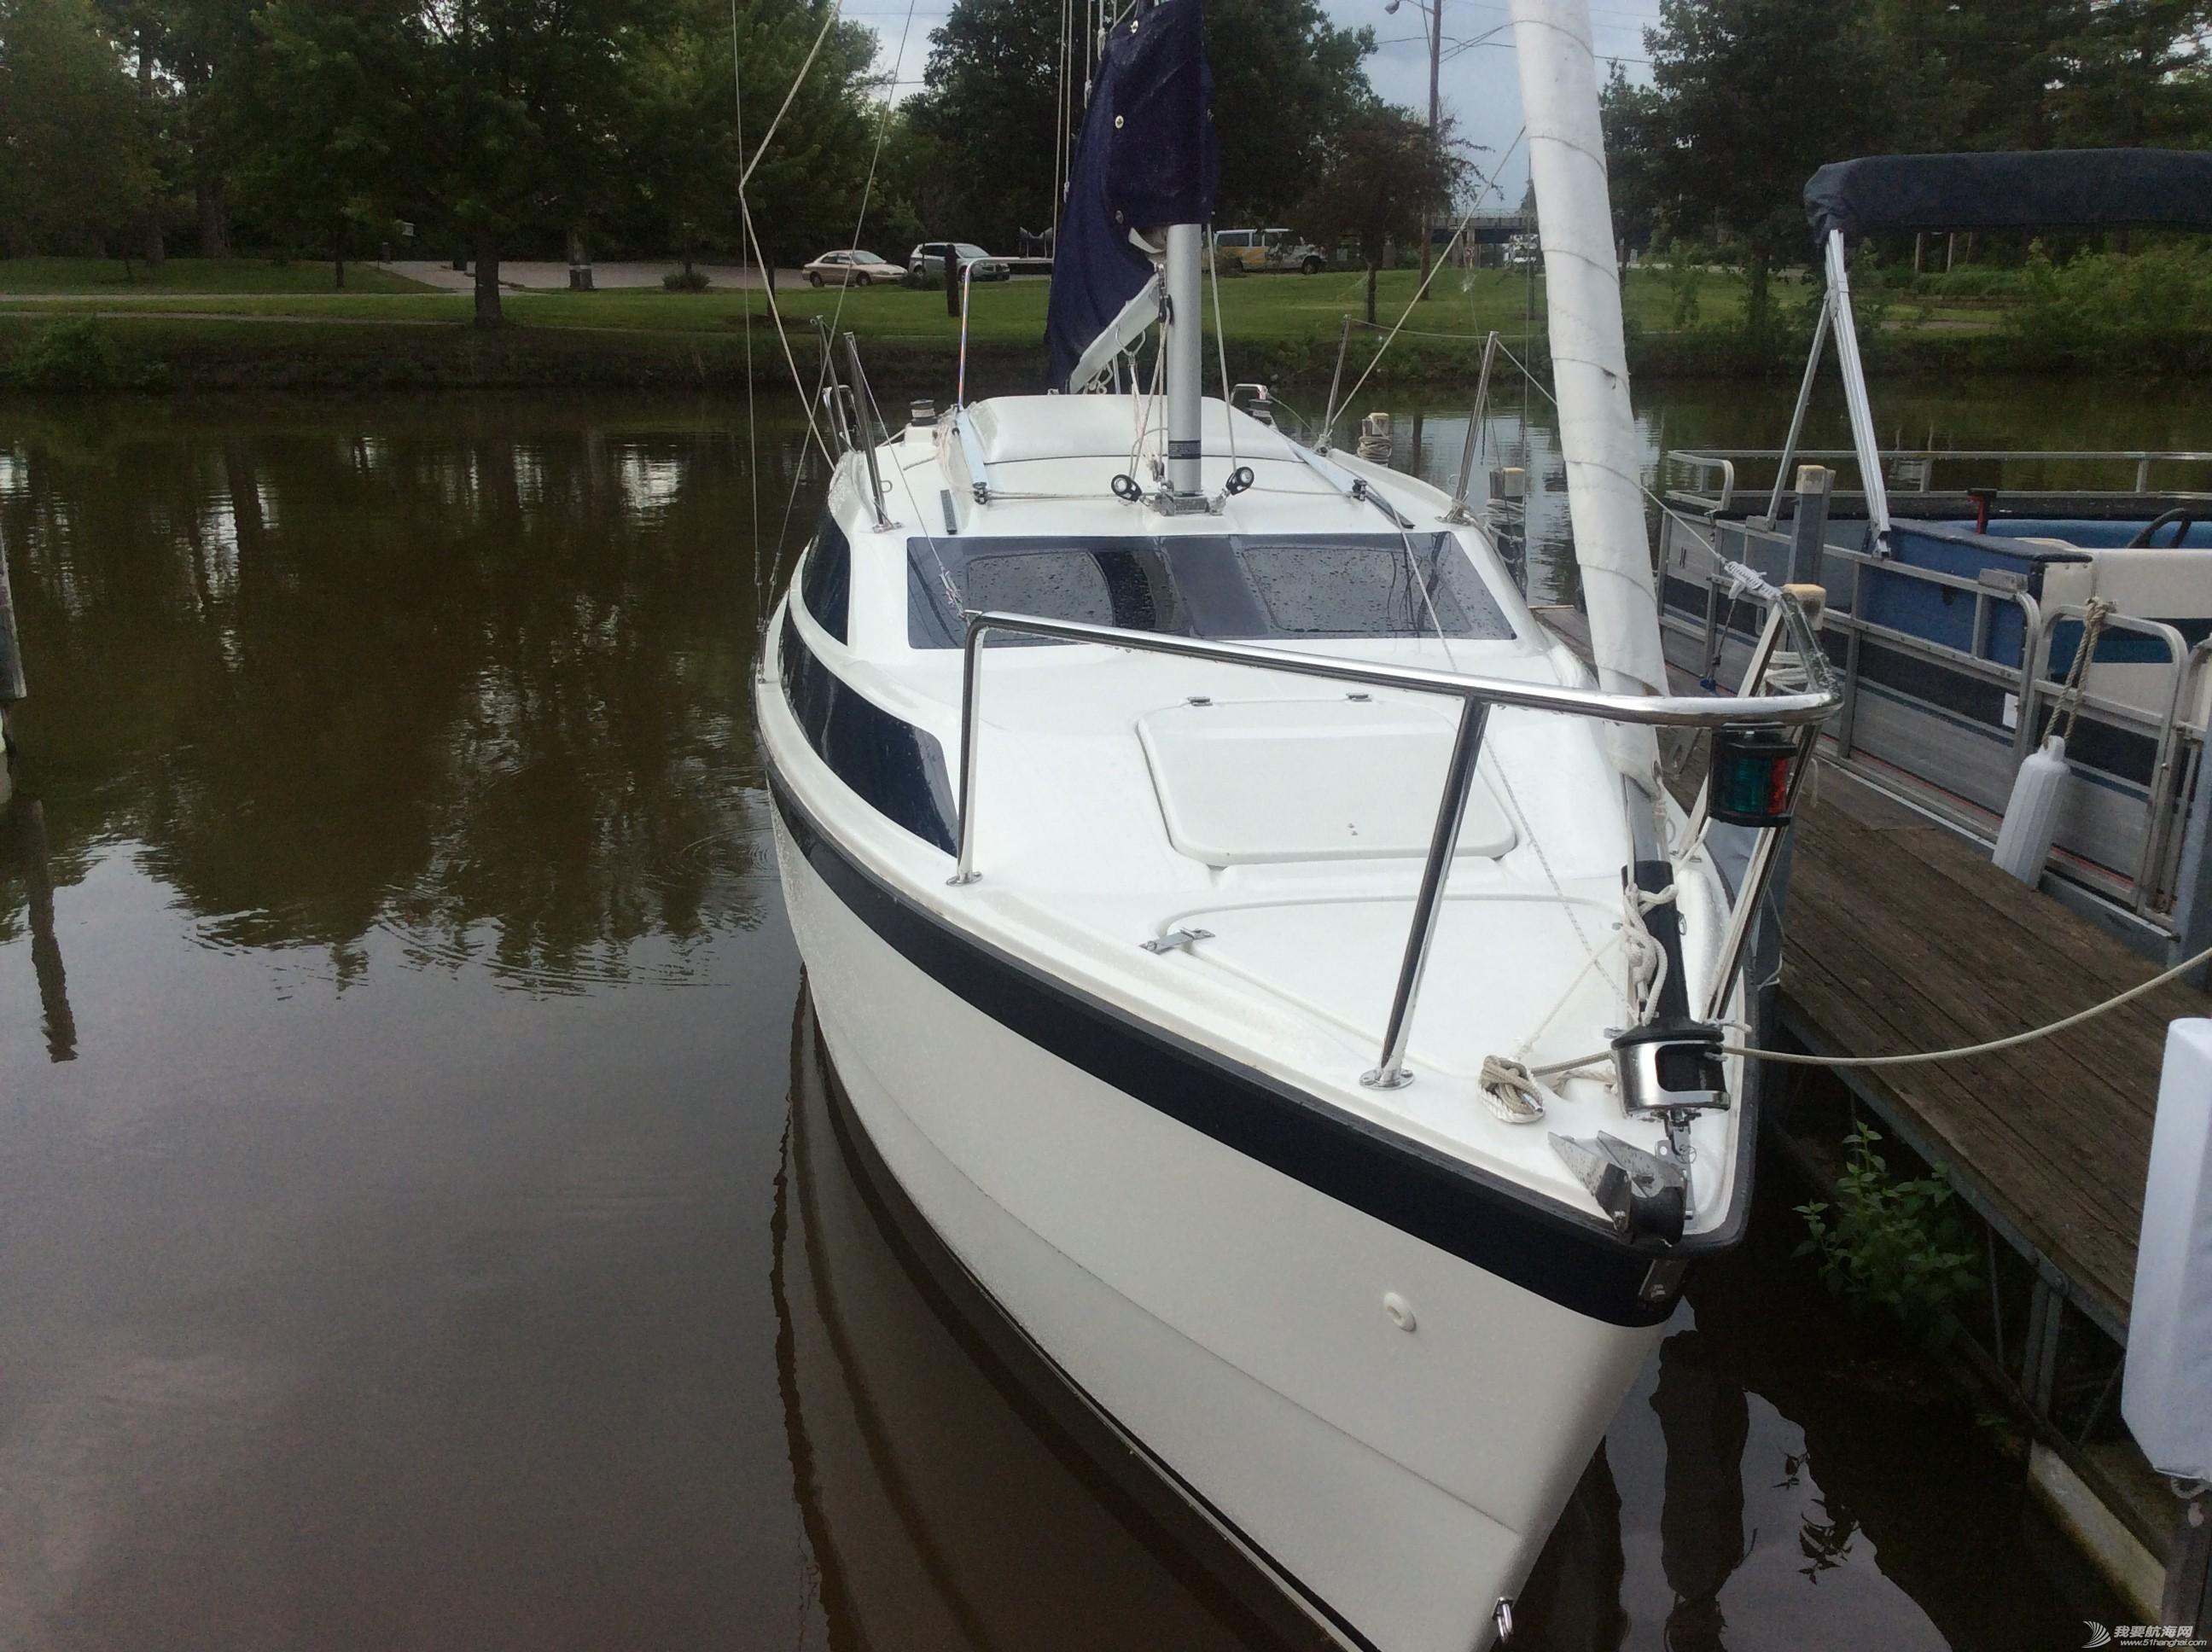 美国,便宜,帆船,进口 低价出售美国原装全新机帆两用帆船美贵格MacGregor26 tattoo3.jpg